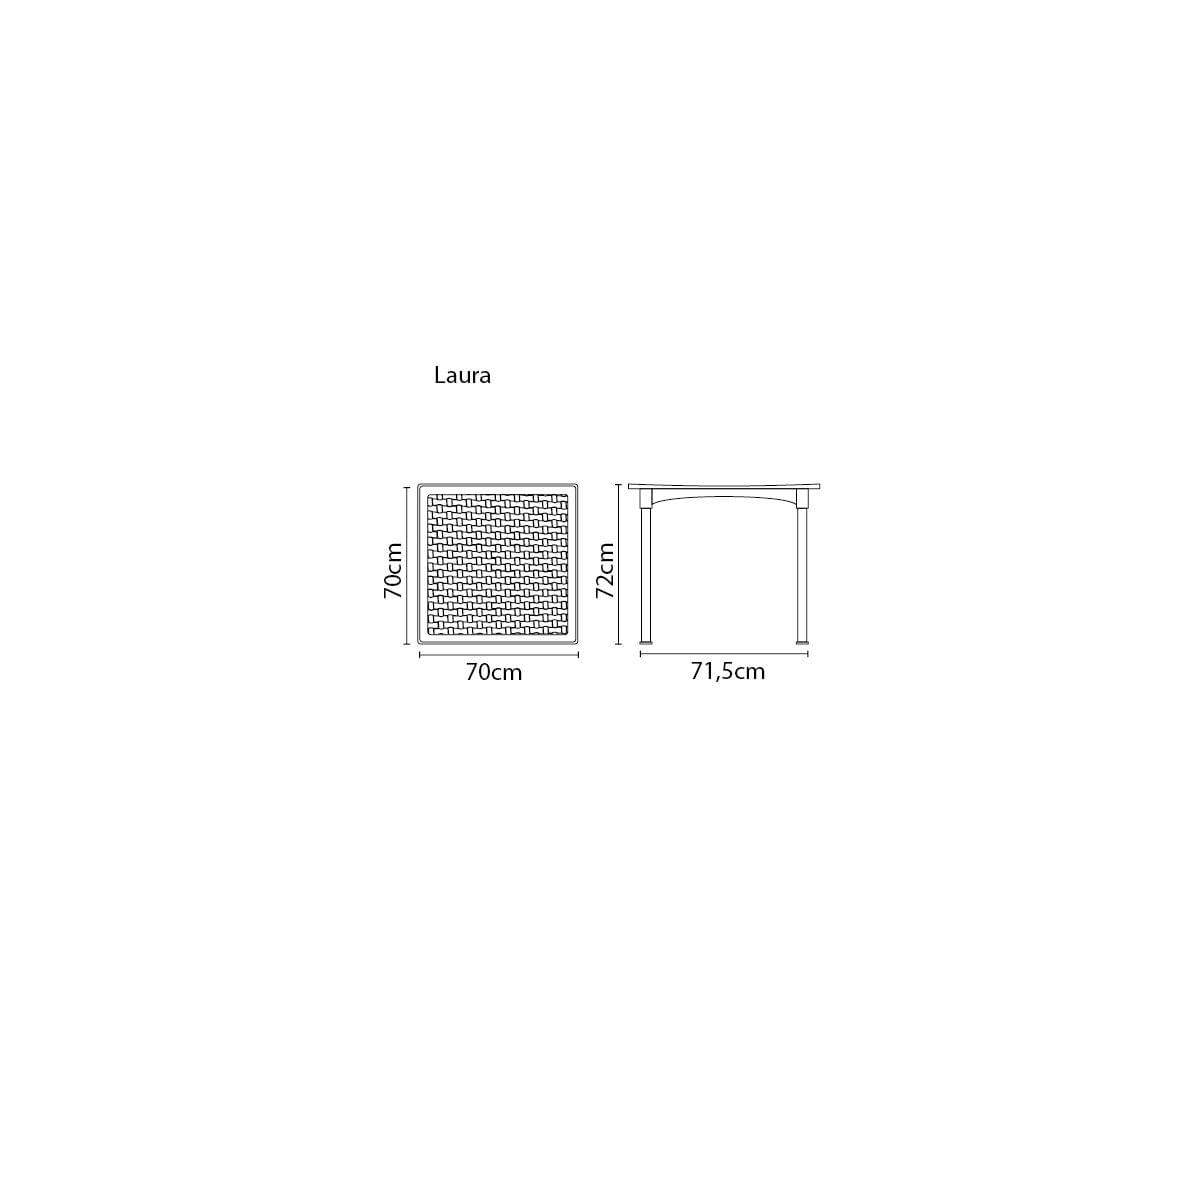 Mesa Tramontina Laura Rattan 70 cm em Polipropileno Preto com Pernas de Madeira